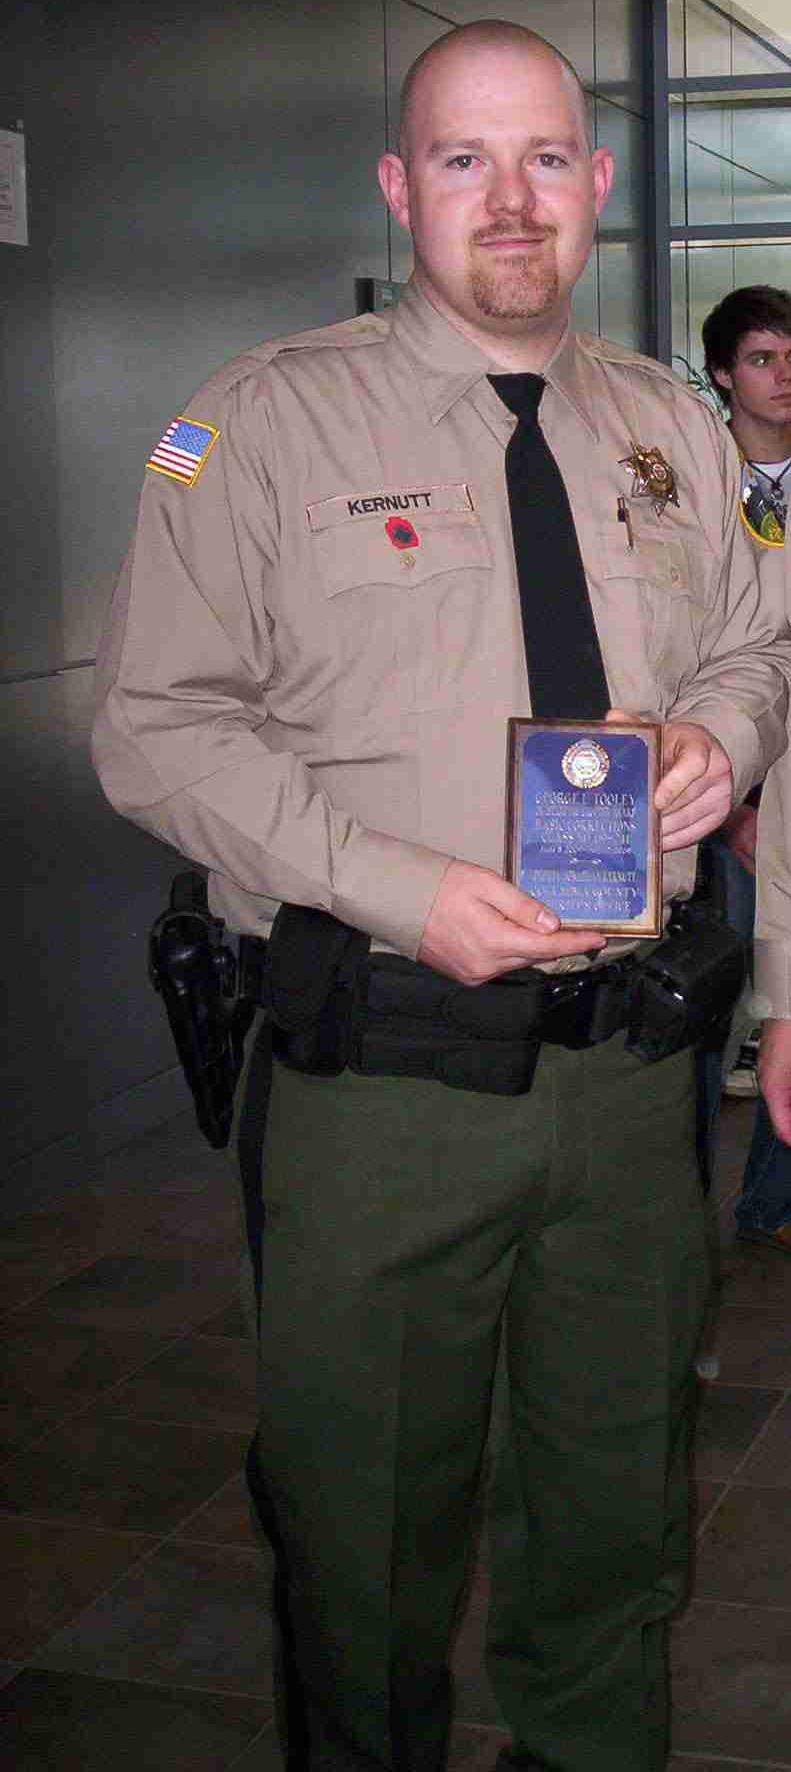 Jonathan Kernutt Gets an Award